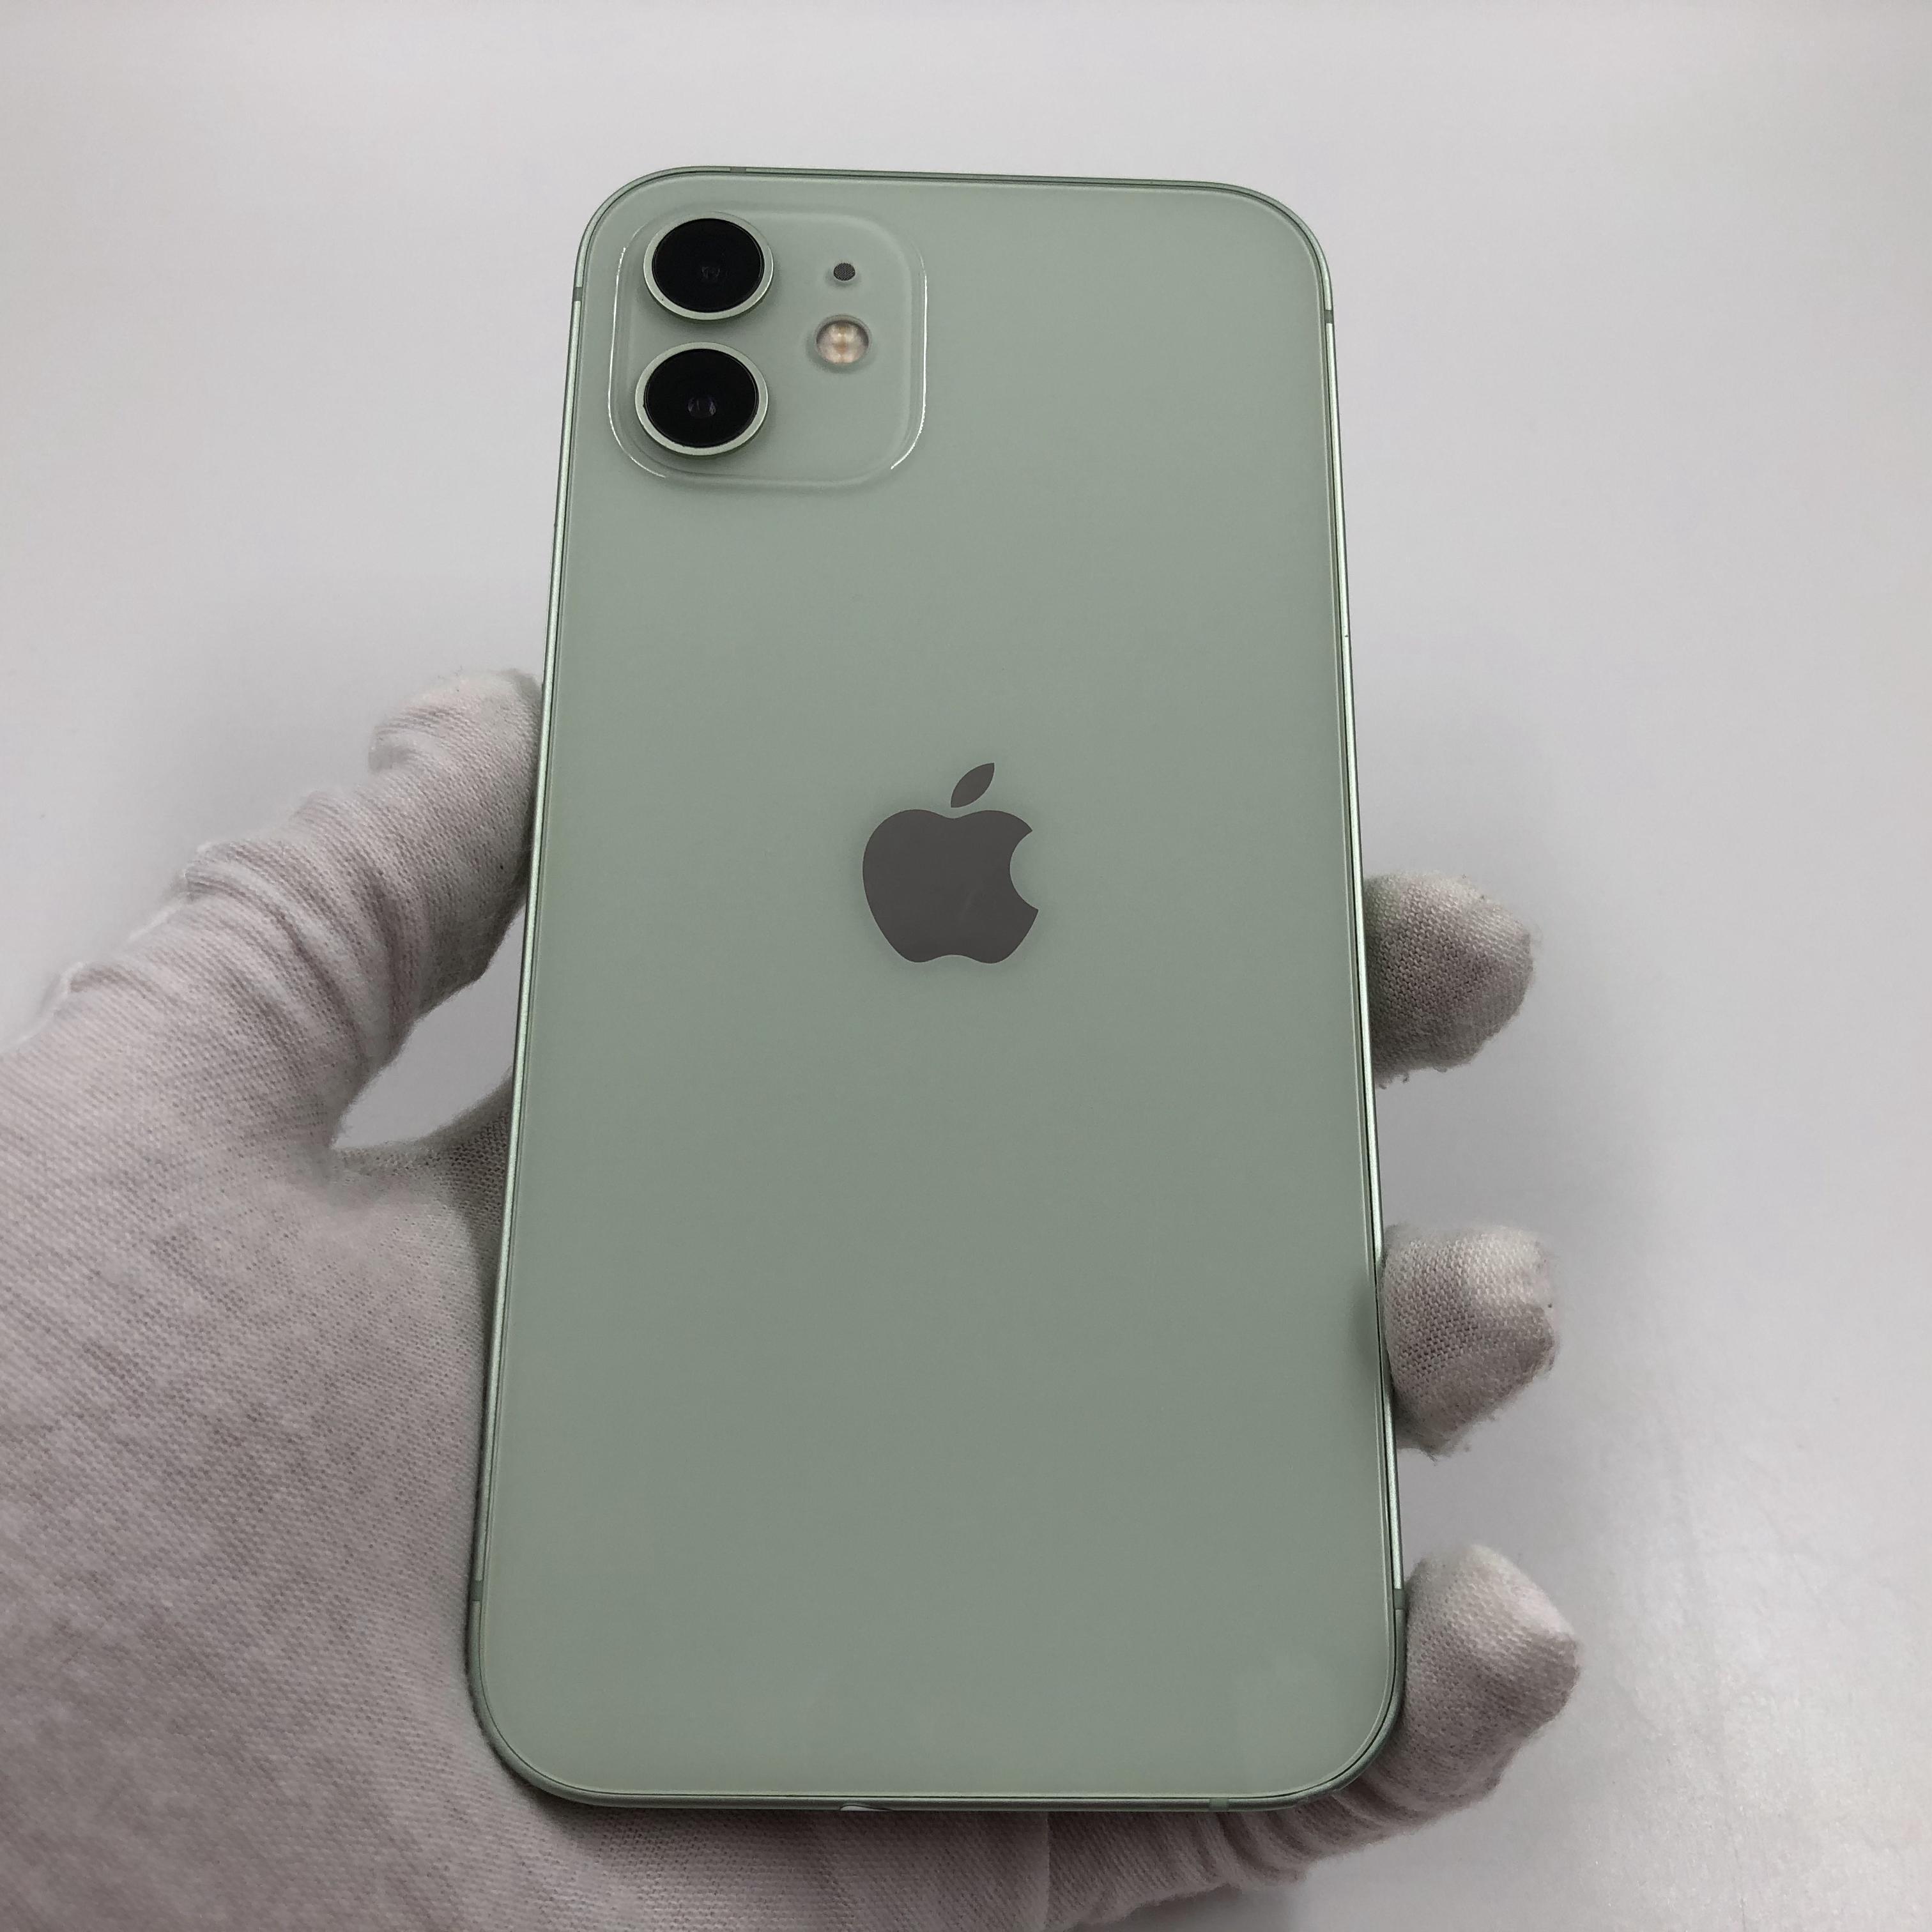 苹果【iPhone 12】5G全网通 绿色 64G 国行 9成新 真机实拍官保2021-12-07